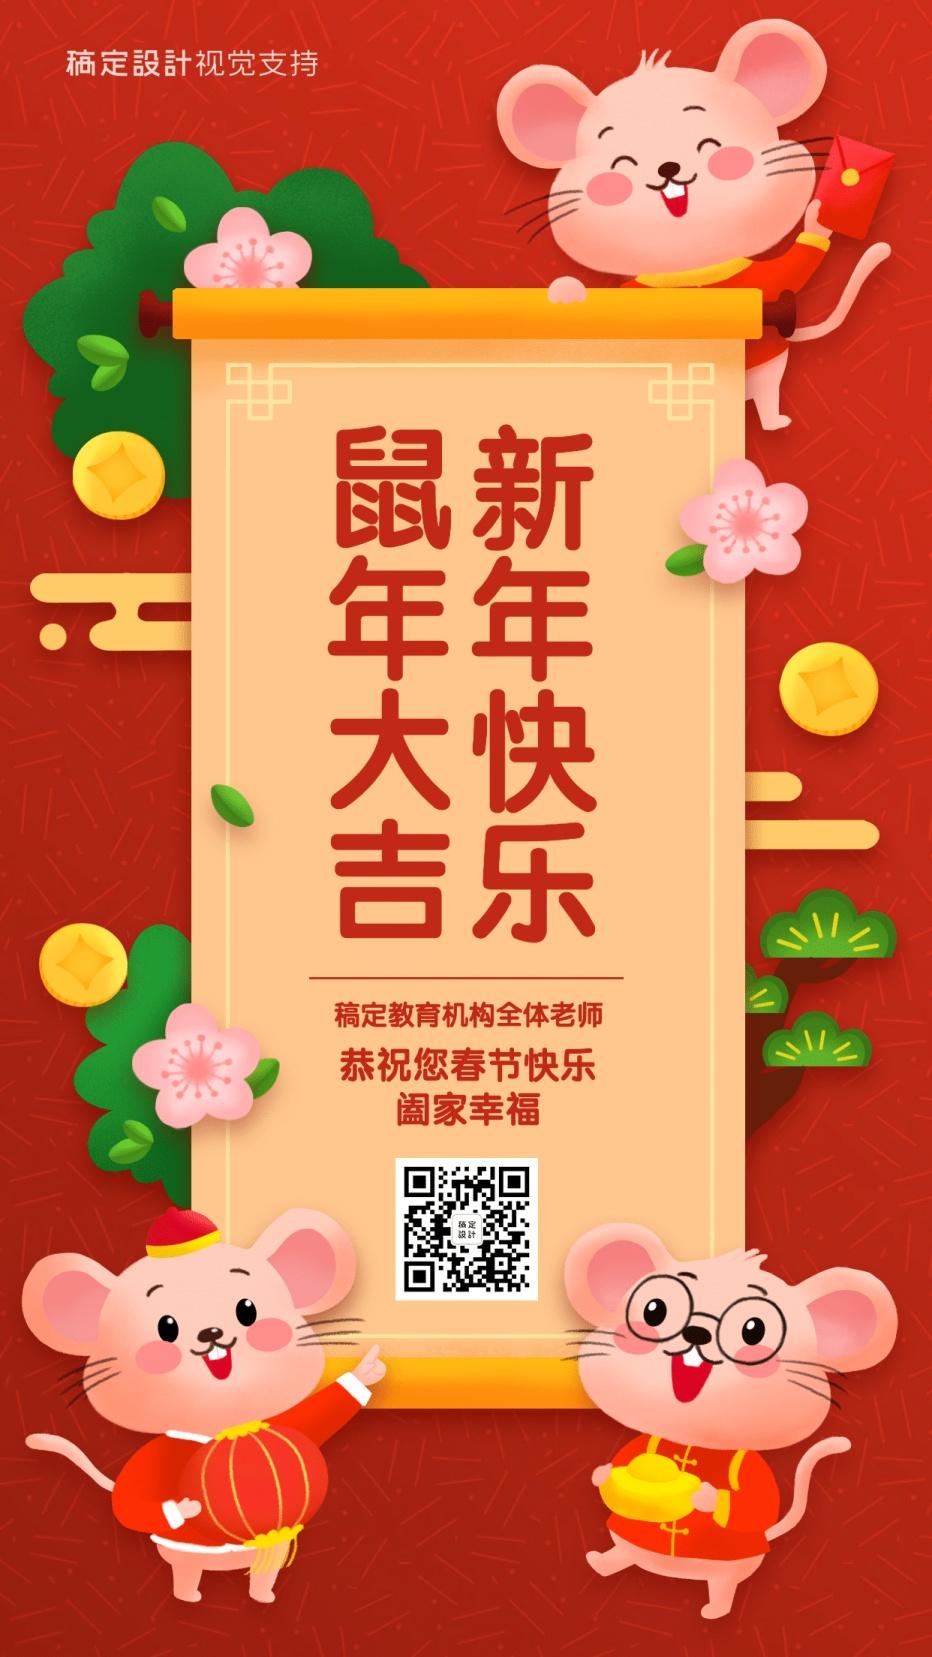 新年快乐/知识付费/可爱鼠年祝福海报